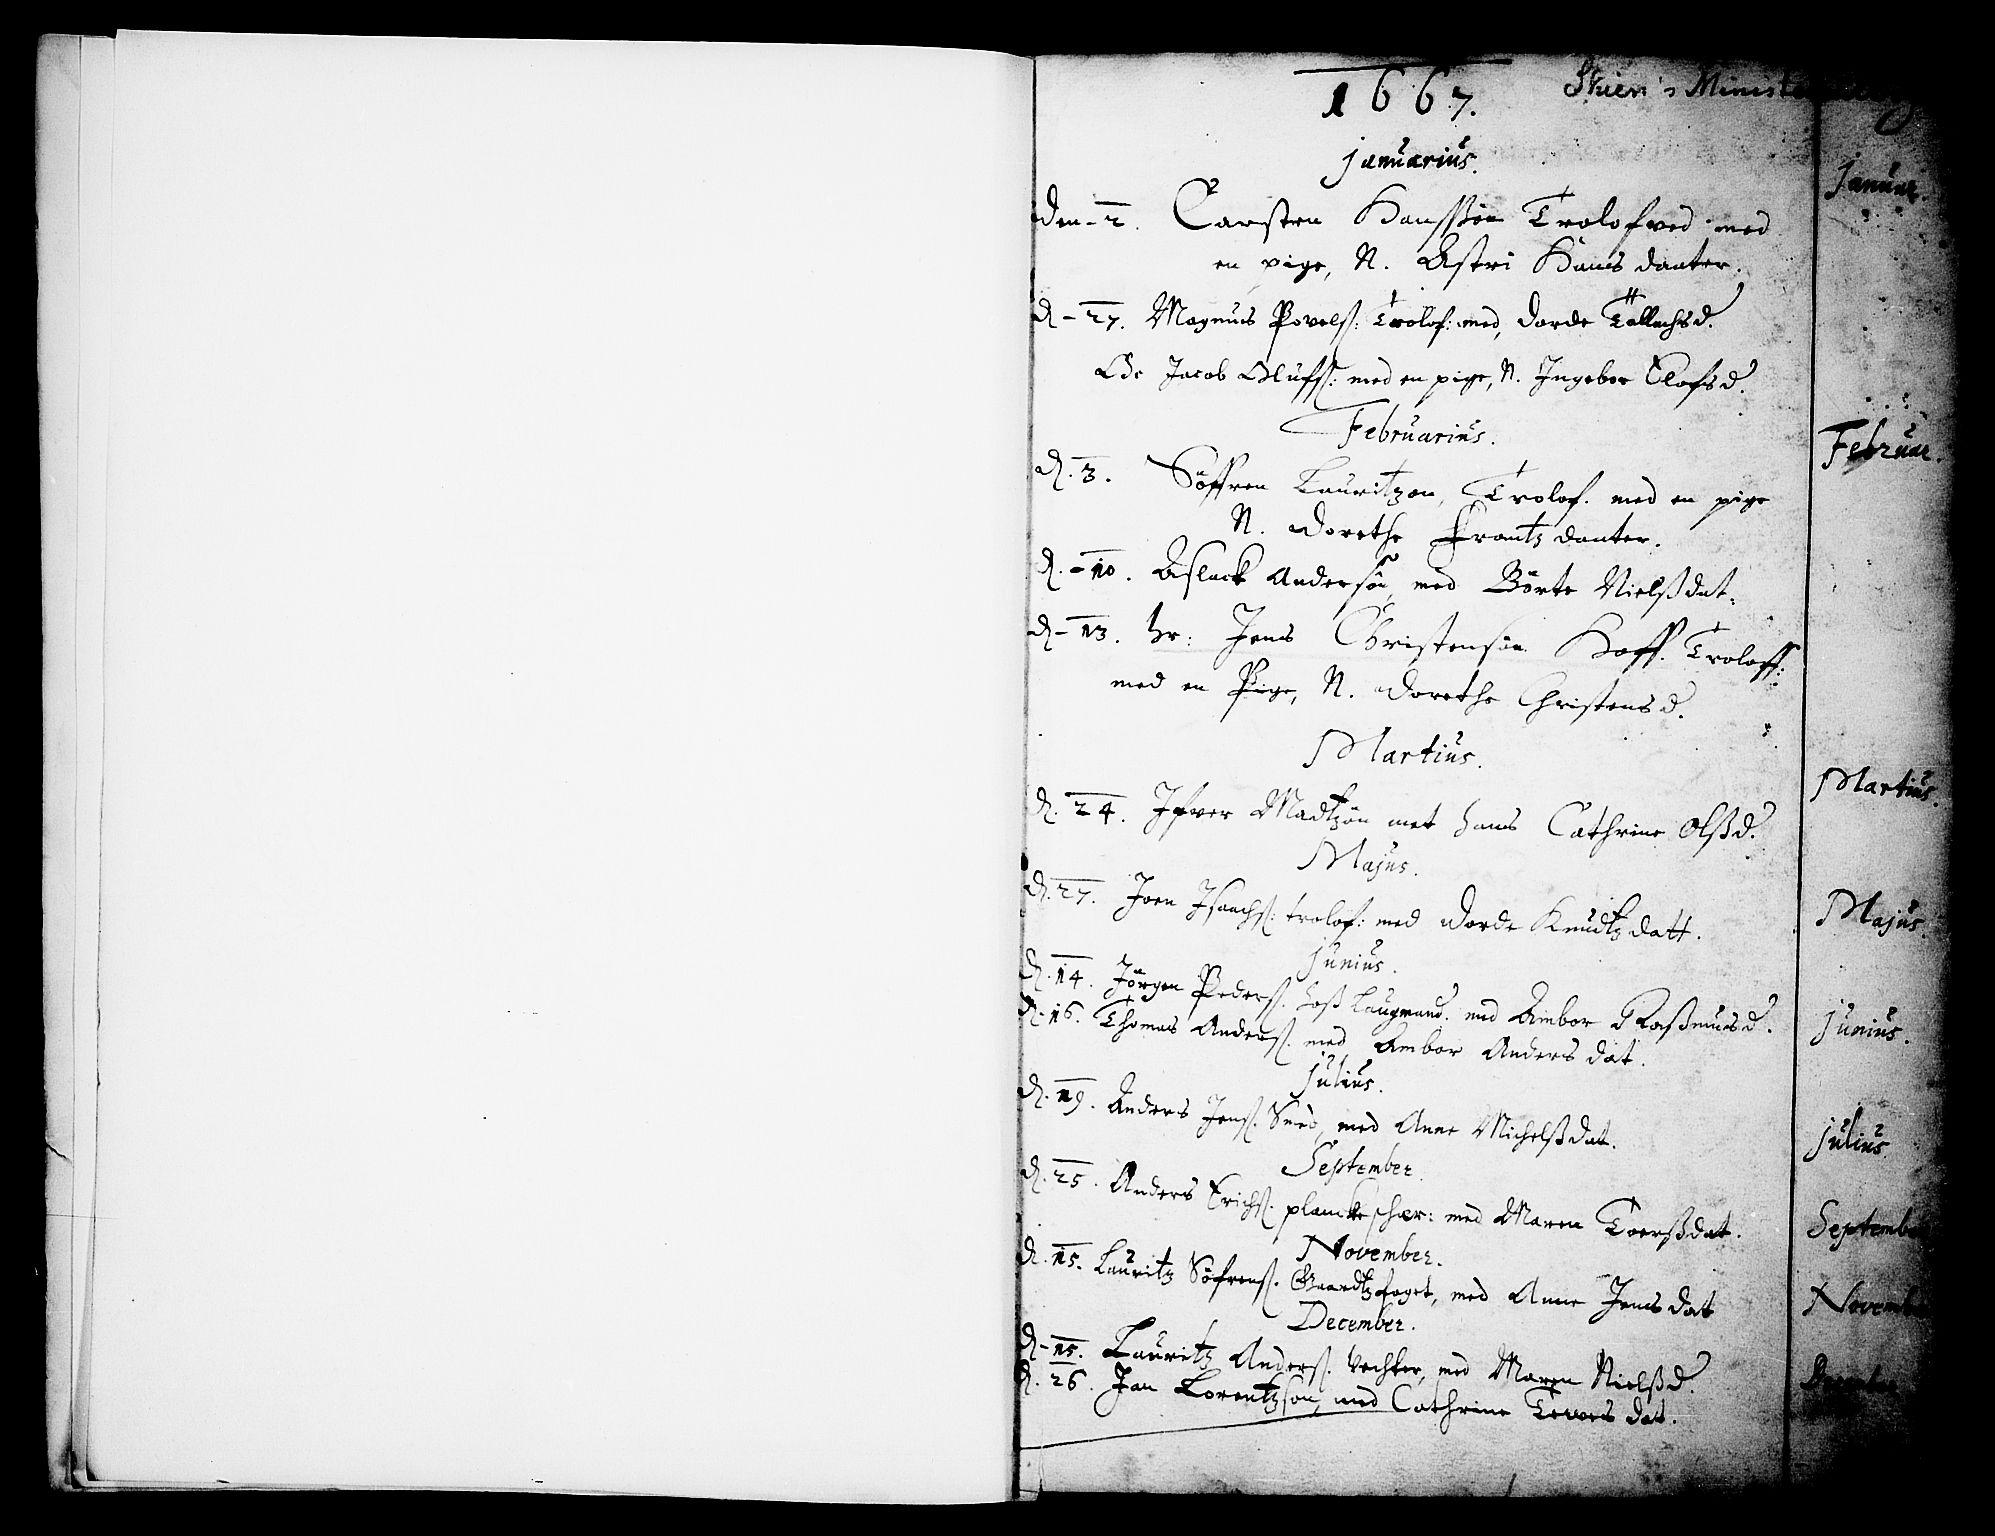 SAKO, Skien kirkebøker, F/Fa/L0001: Ministerialbok nr. 1, 1659-1679, s. 8